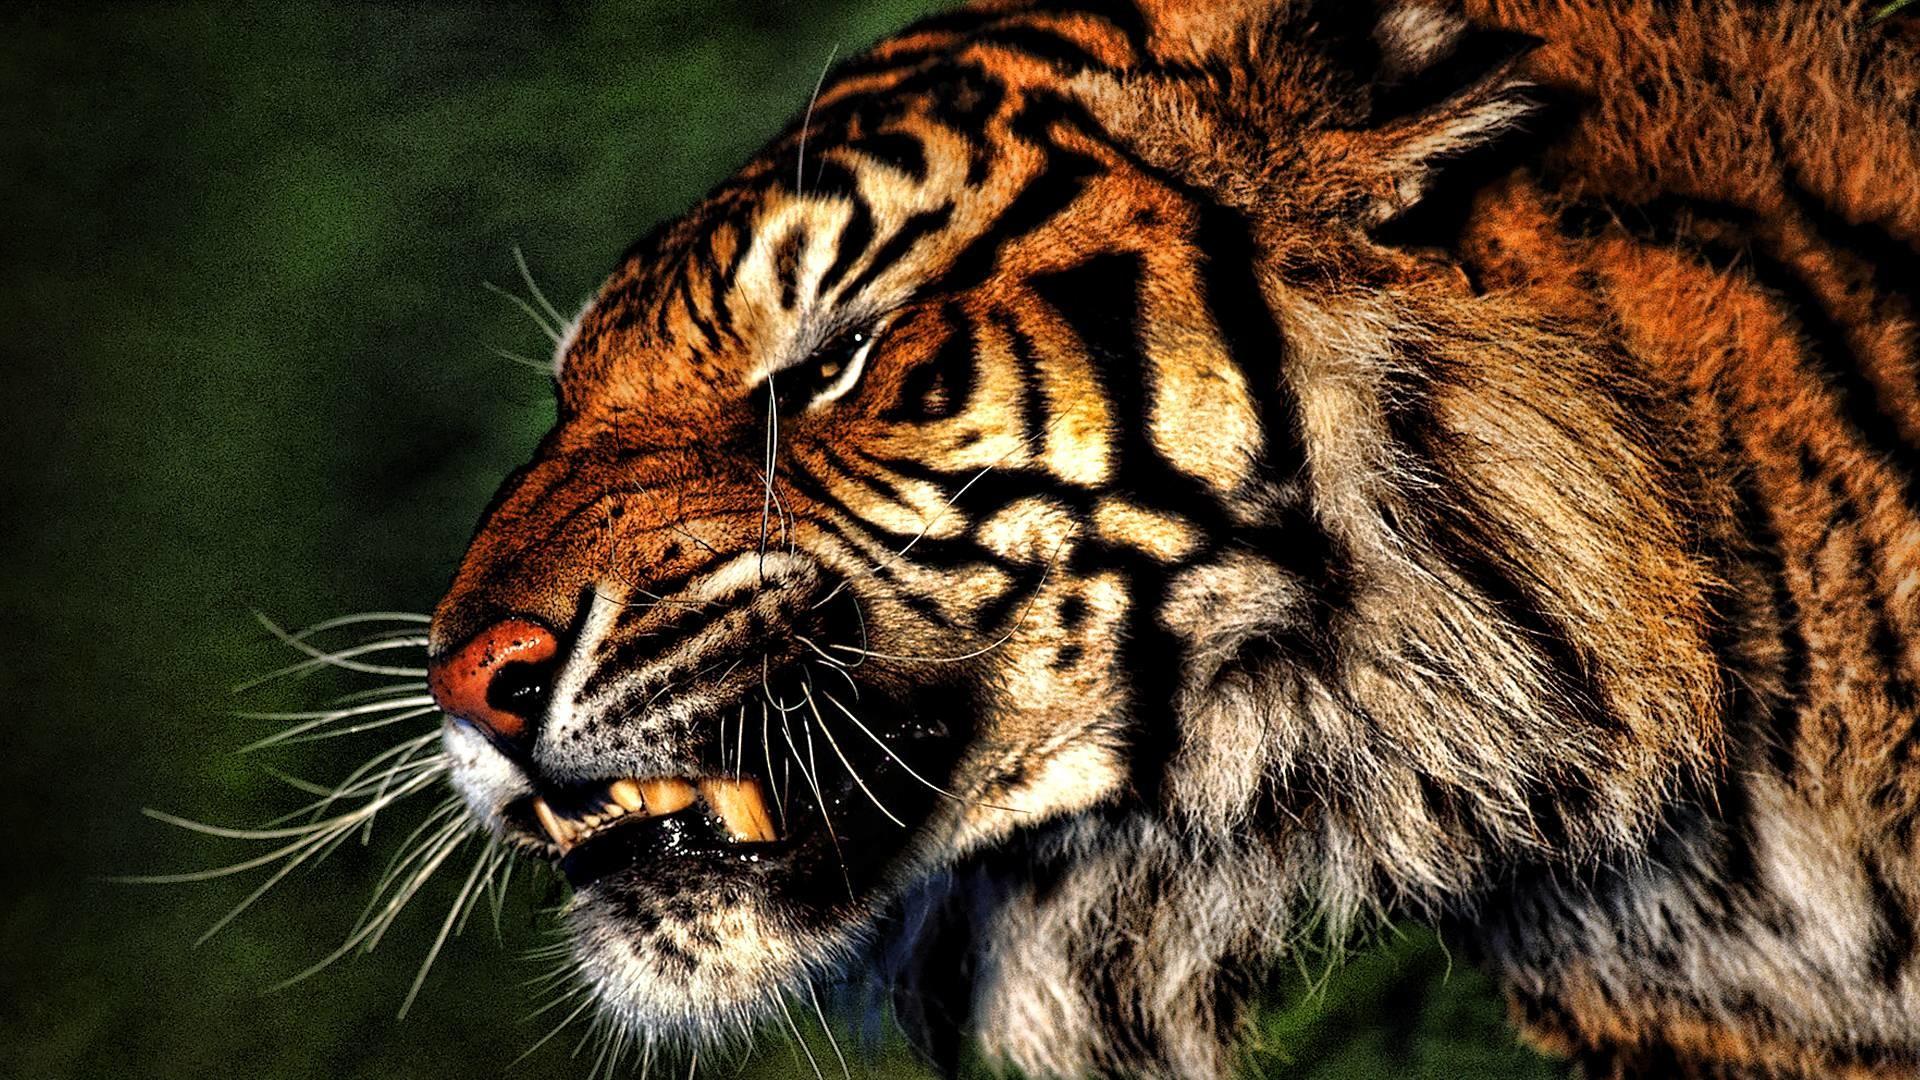 Desktop Hd Tiger Attack Pics: 1920x1080 Tiger Wallpaper Full HD (65+ Images